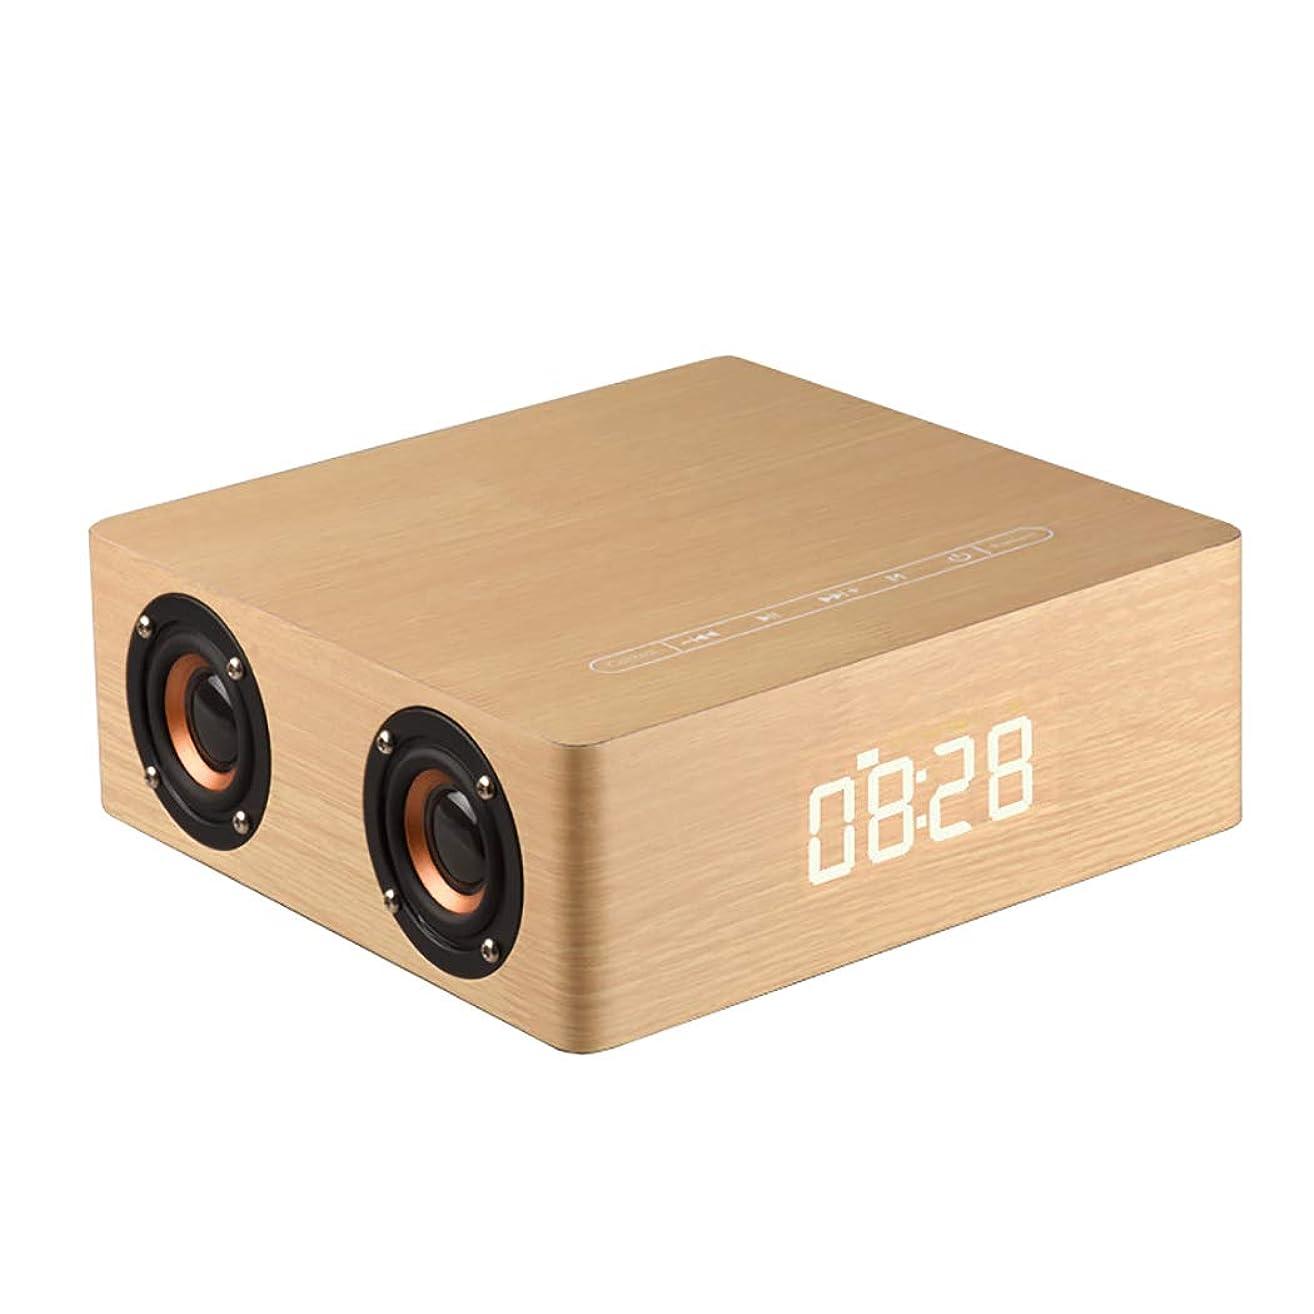 じゃがいも慈悲深いロマンチックGLJJQMY 木のブルートゥースのスピーカーの家の移動式デスクトップコンピュータ目覚し時計、210×210×75mm (Color : Yellow wood grain)